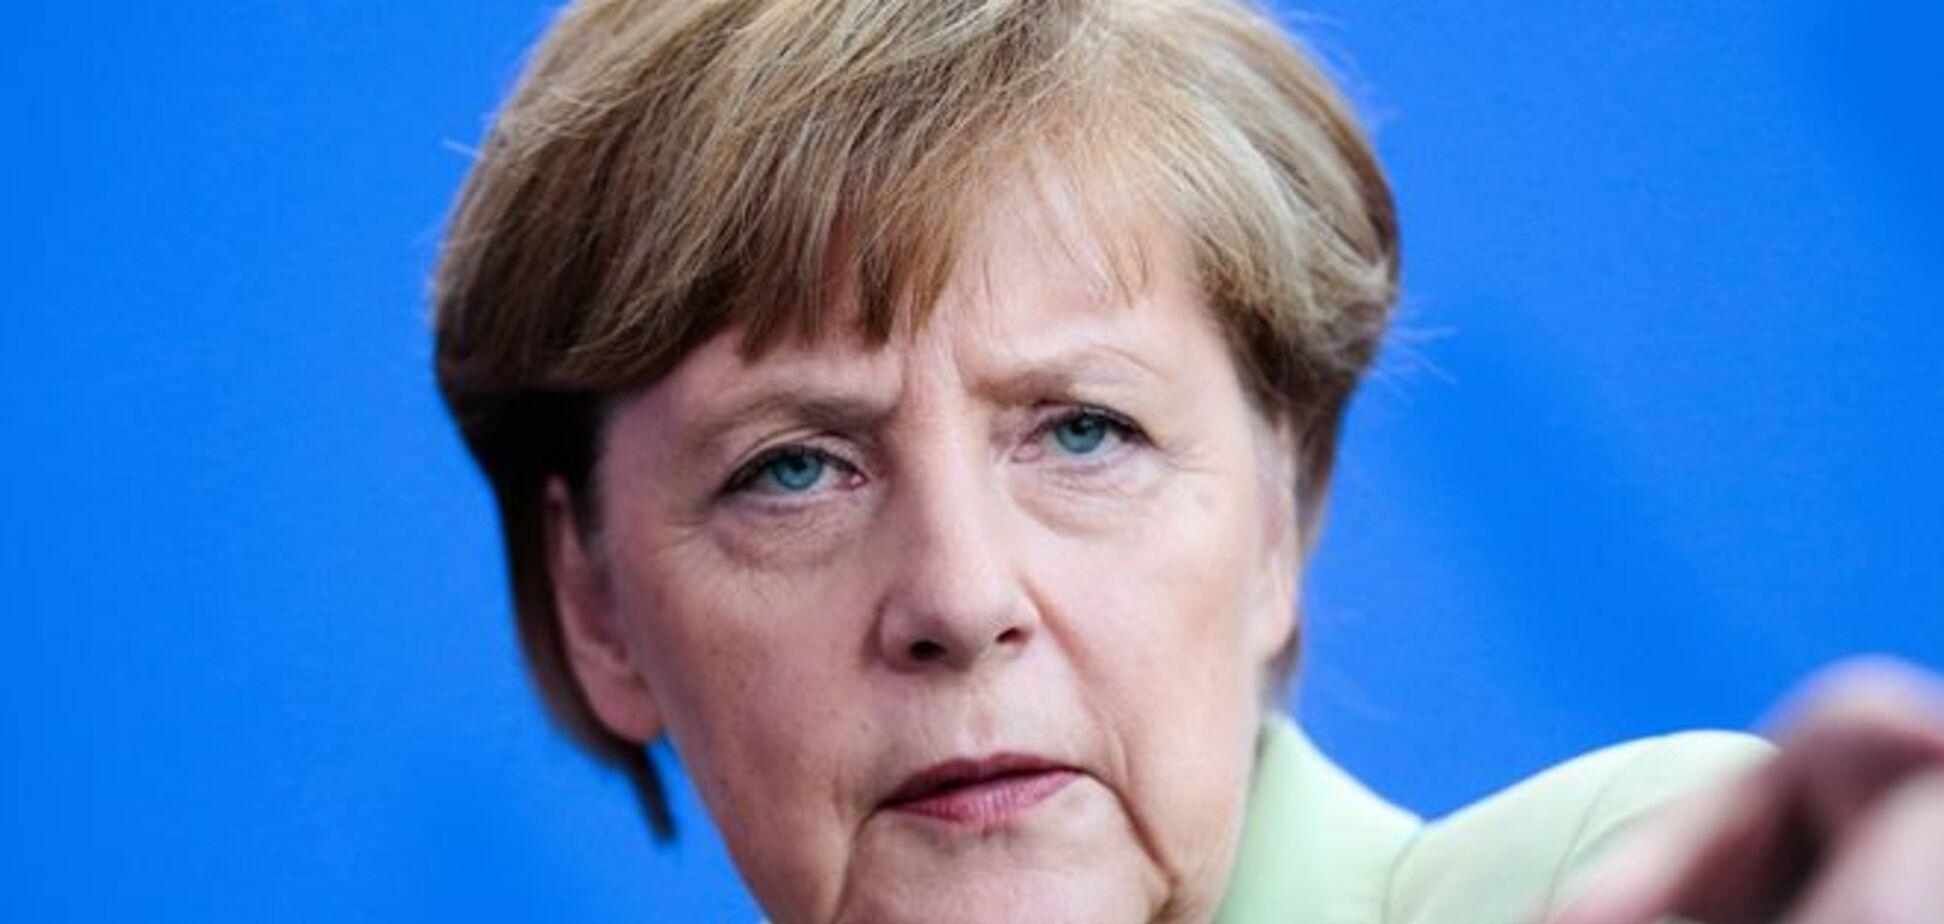 Меркель у прямому ефірі довела дівчинку до сліз: відеофакт